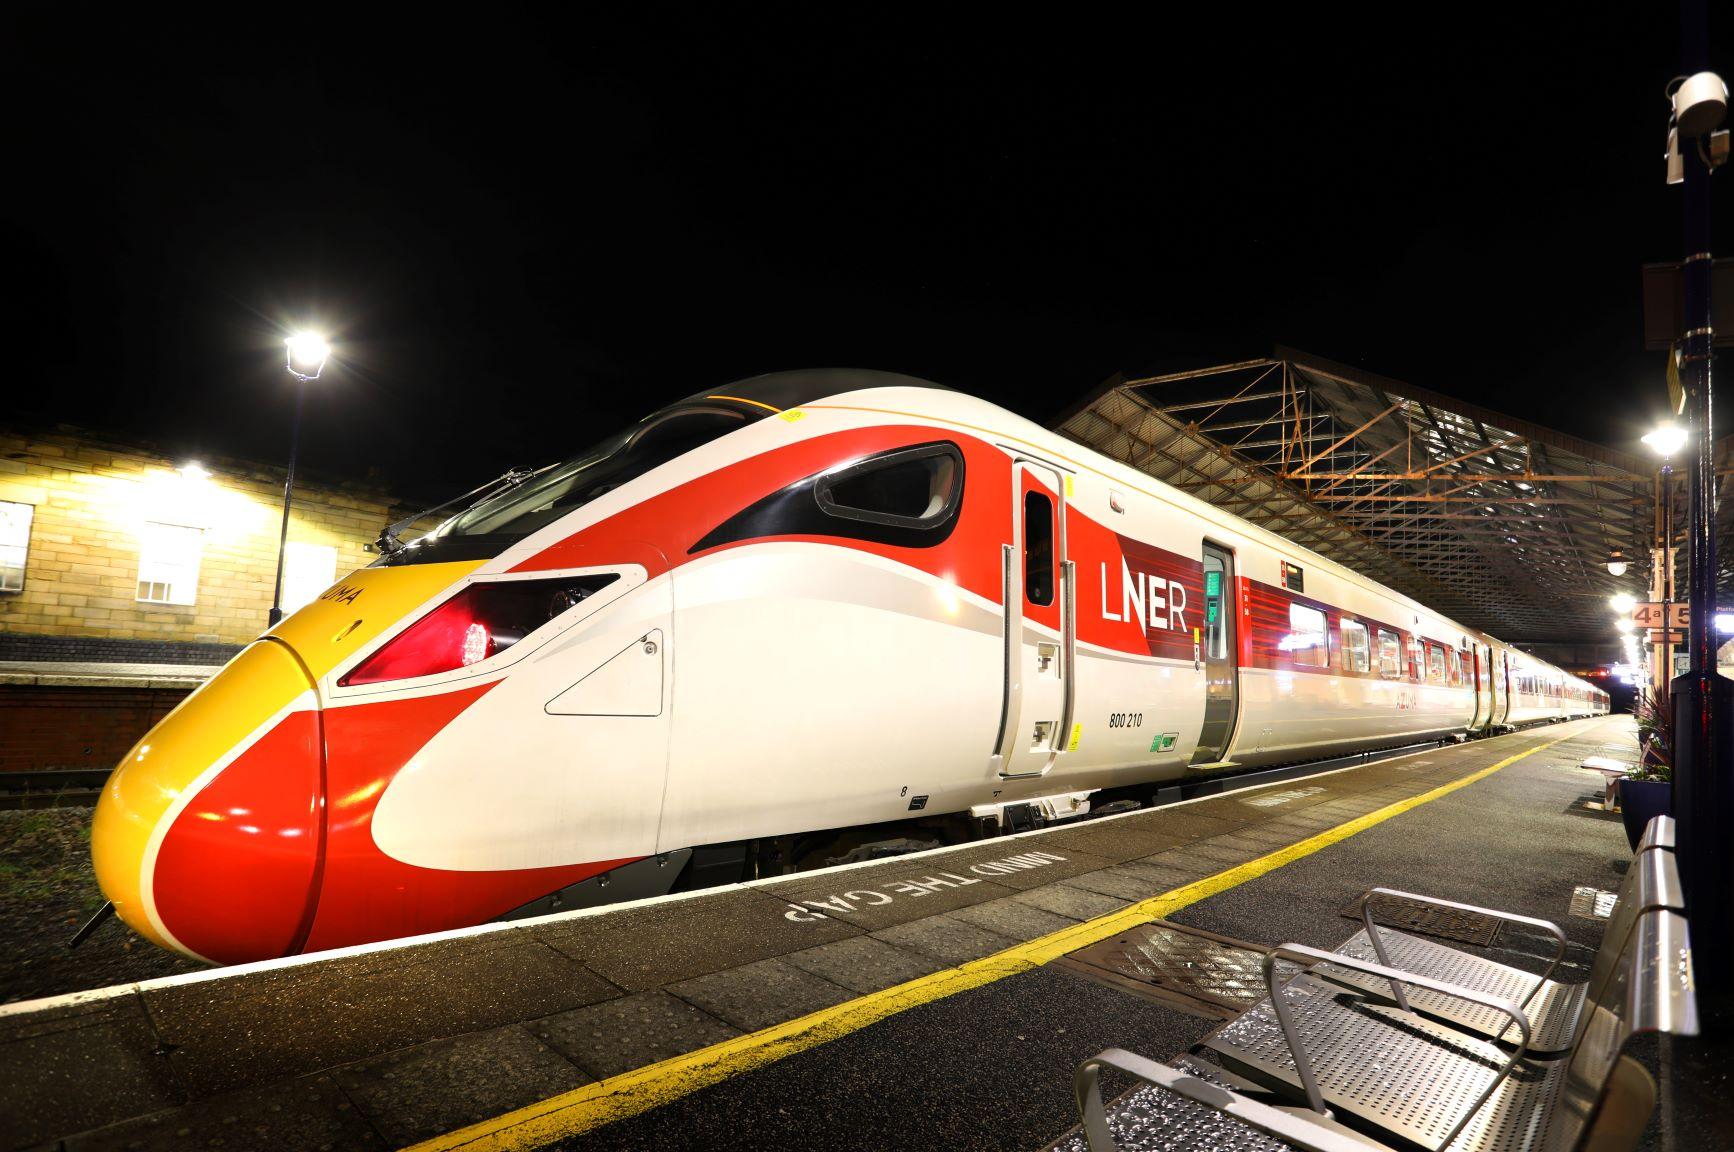 LNER Huddersfield